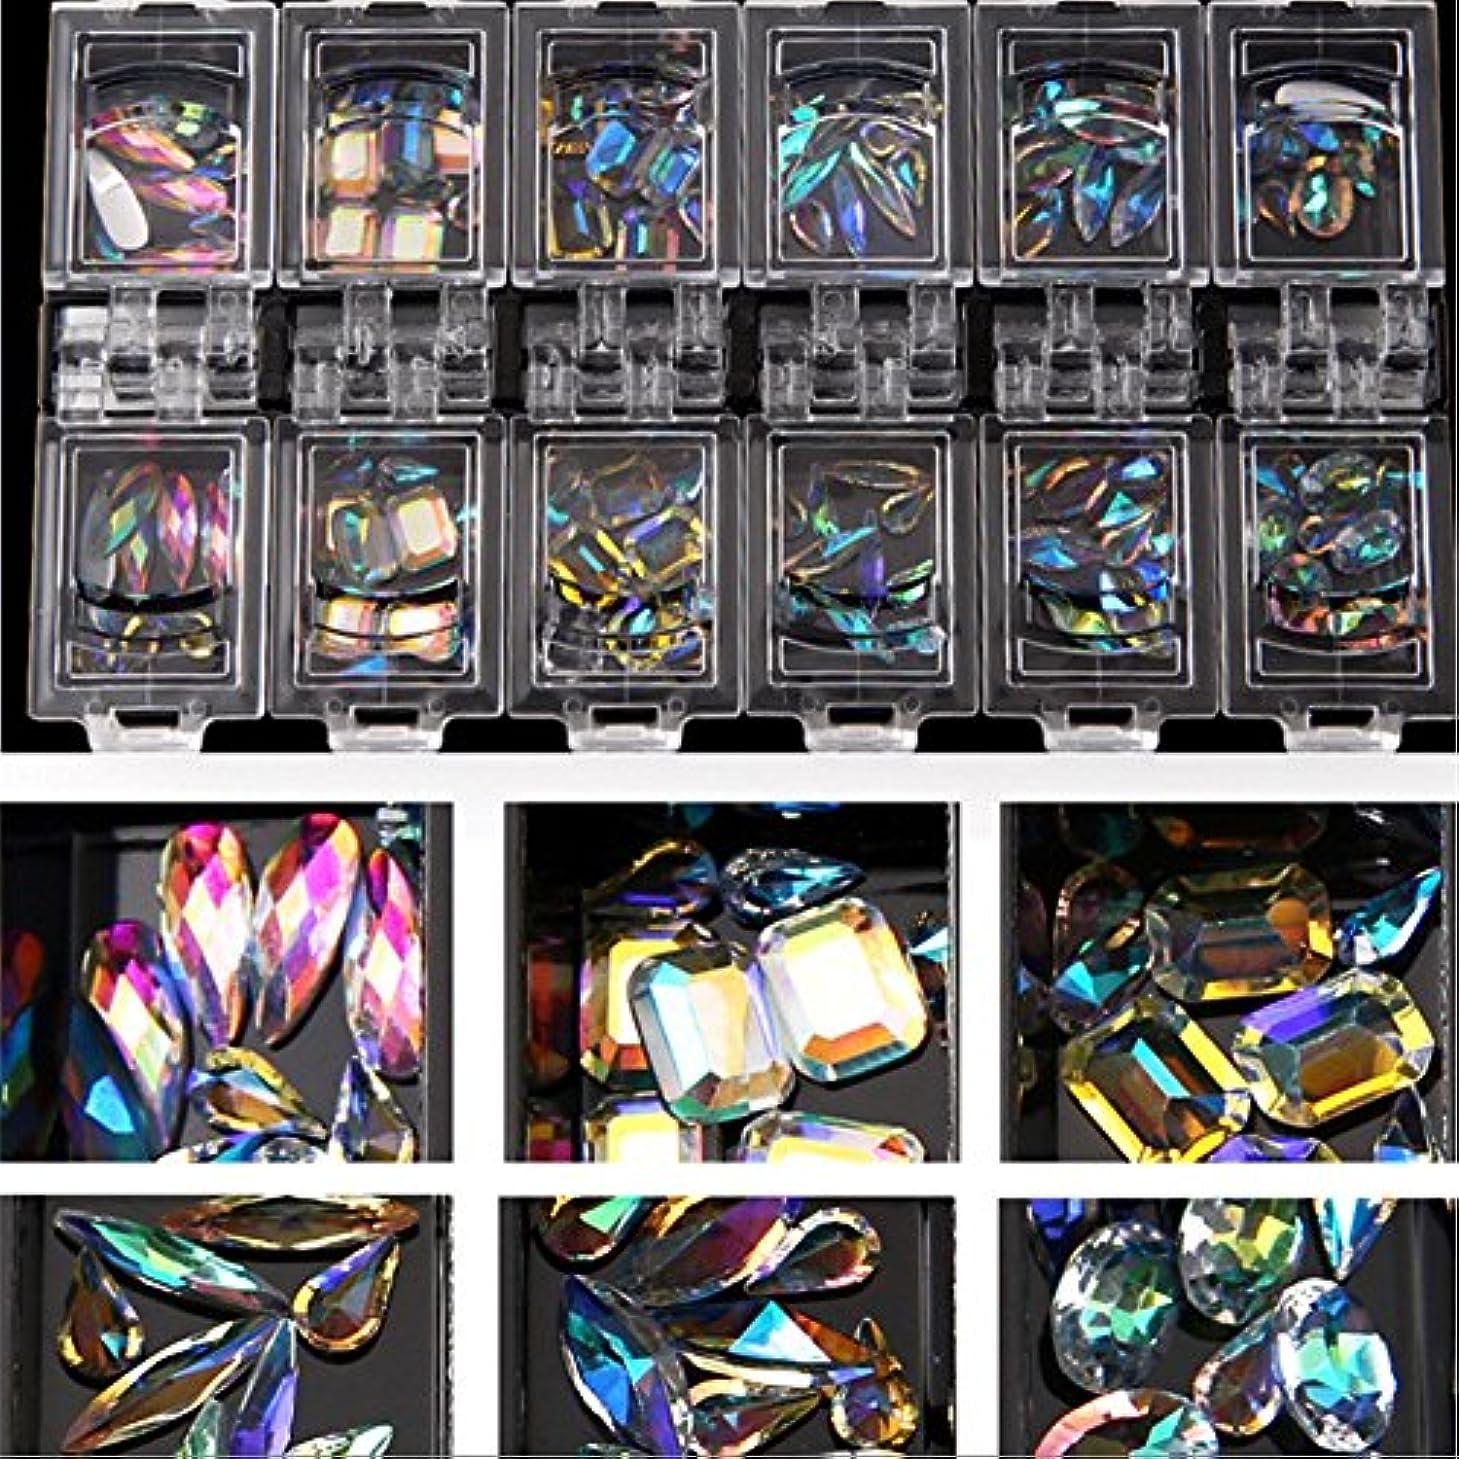 わずかな世界の窓懐疑的12スタイル/セット3dネイルアートカラフルなクリアクリスタルミックスサイズレディネイルのヒントデカールデコレーション